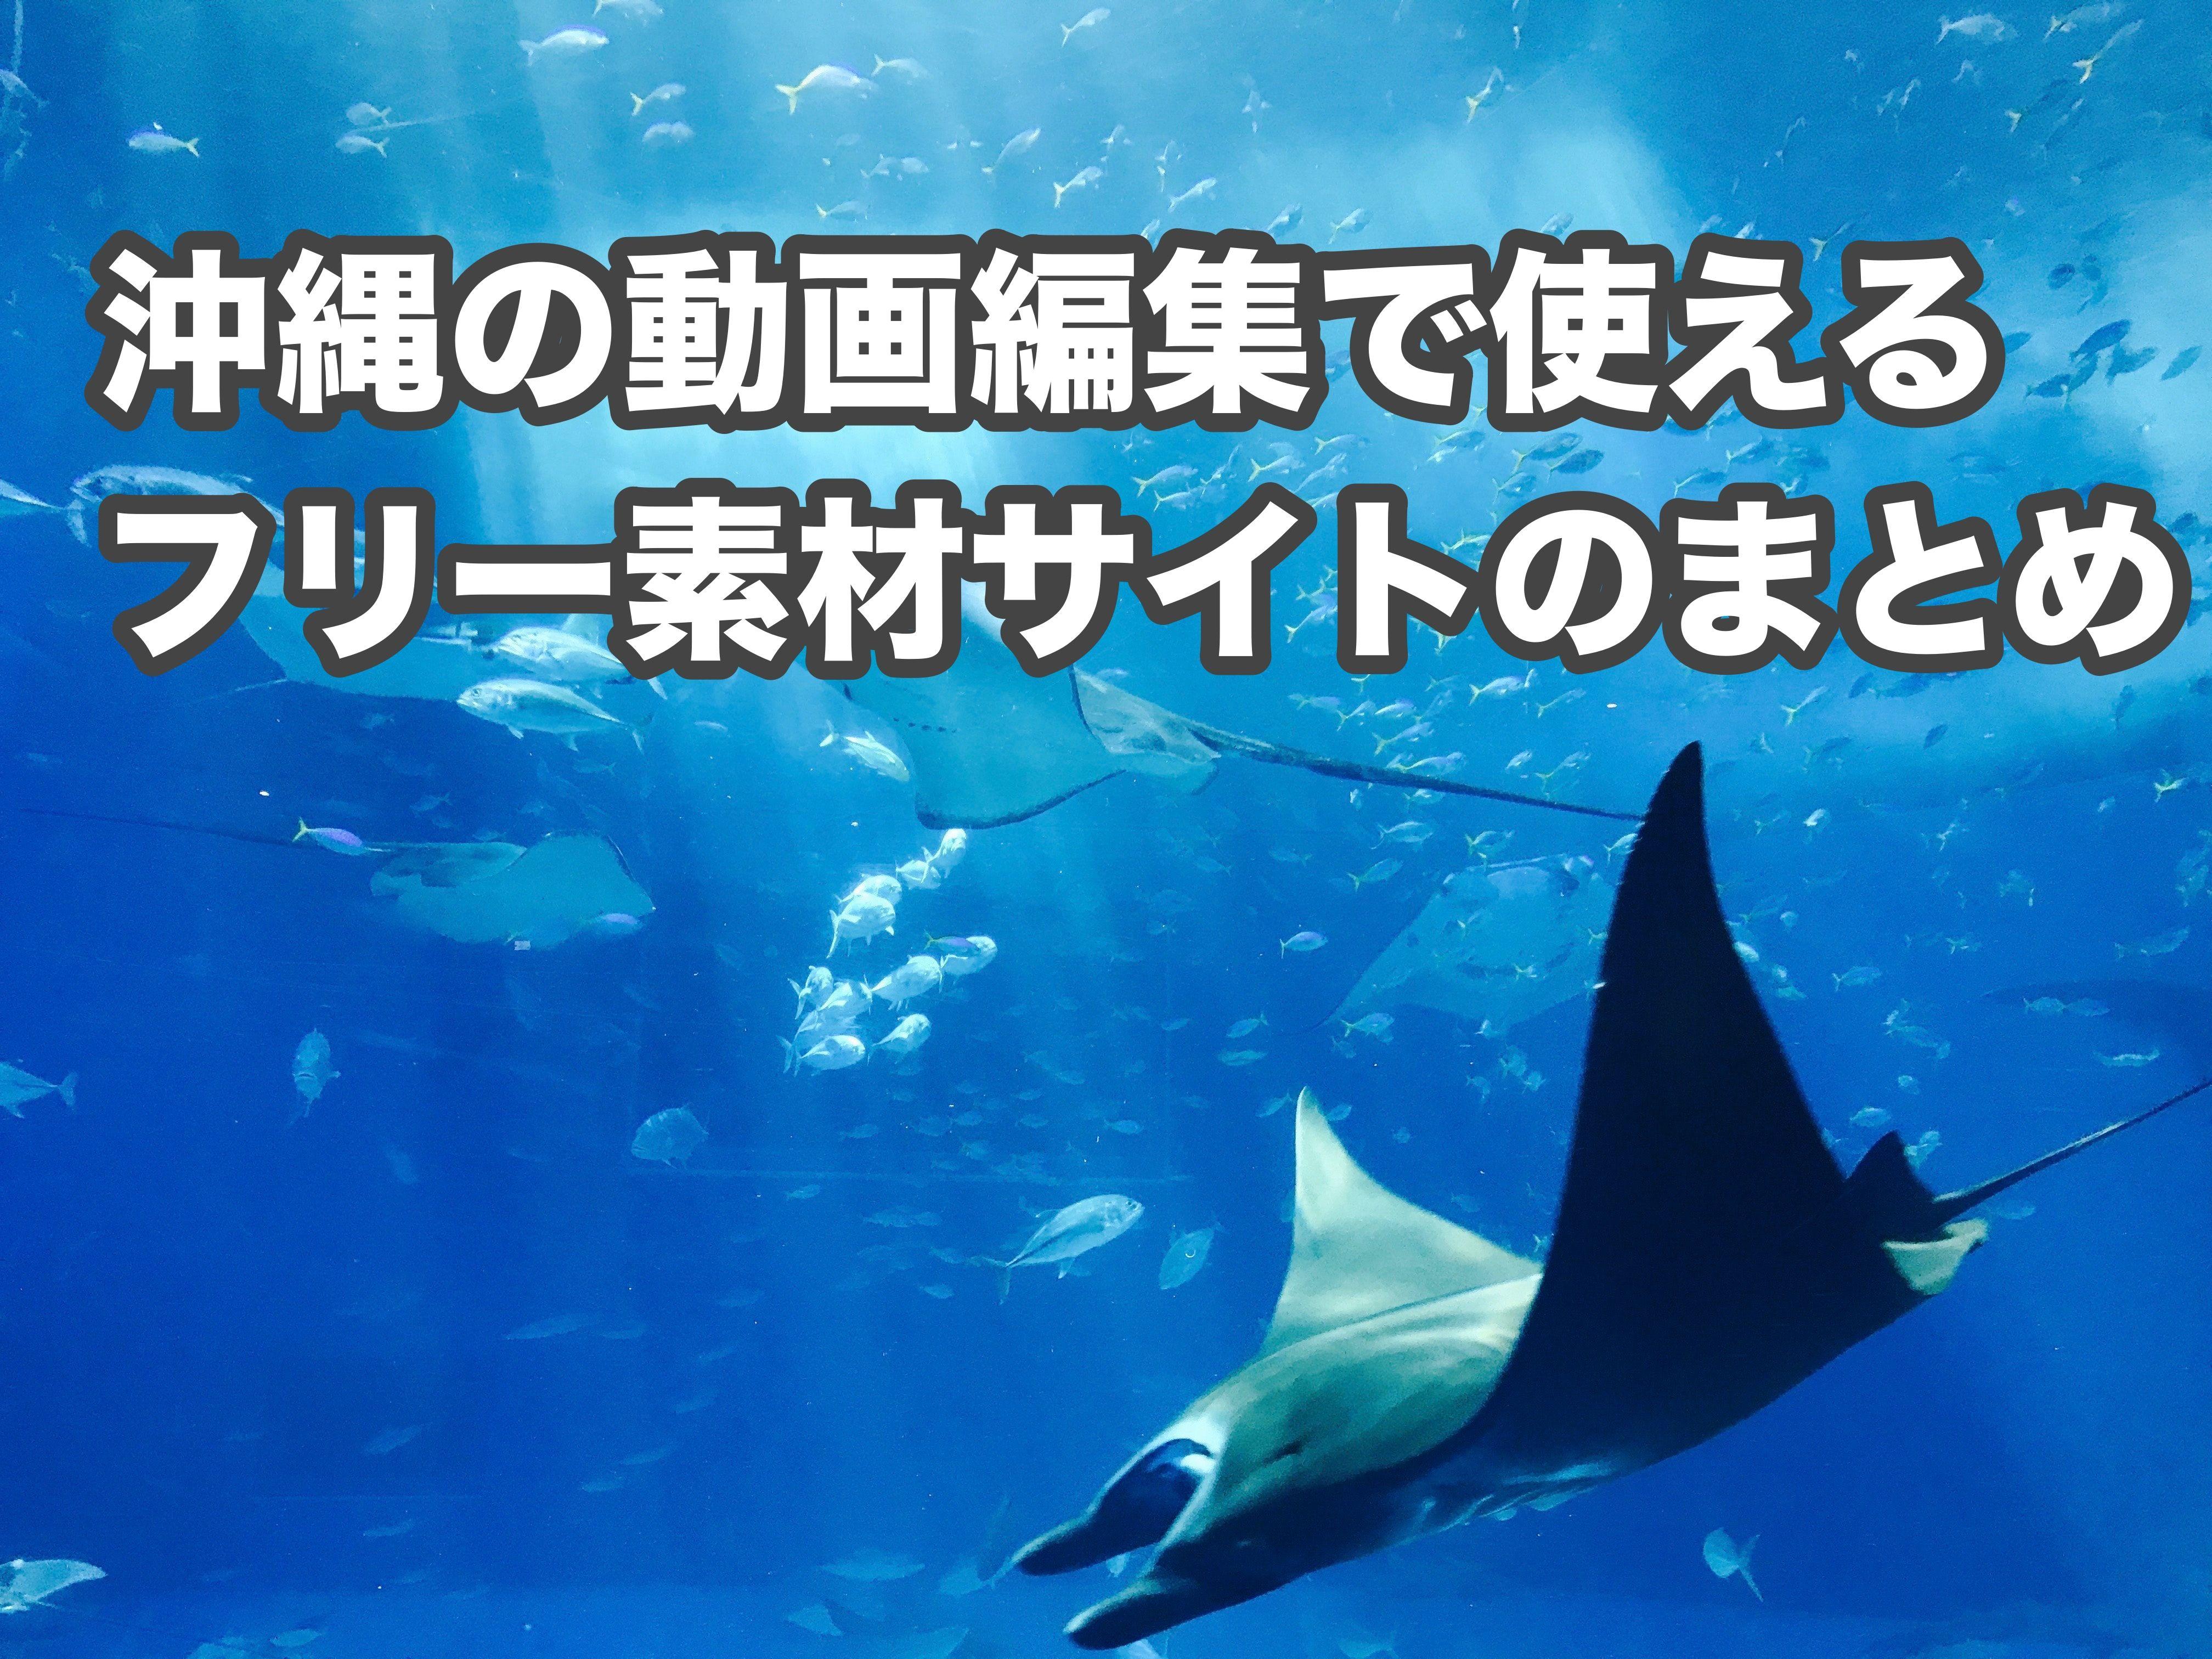 【無料なのにハイクオリティ!】沖縄の動画編集に使えるフリー素材サイトのまとめ